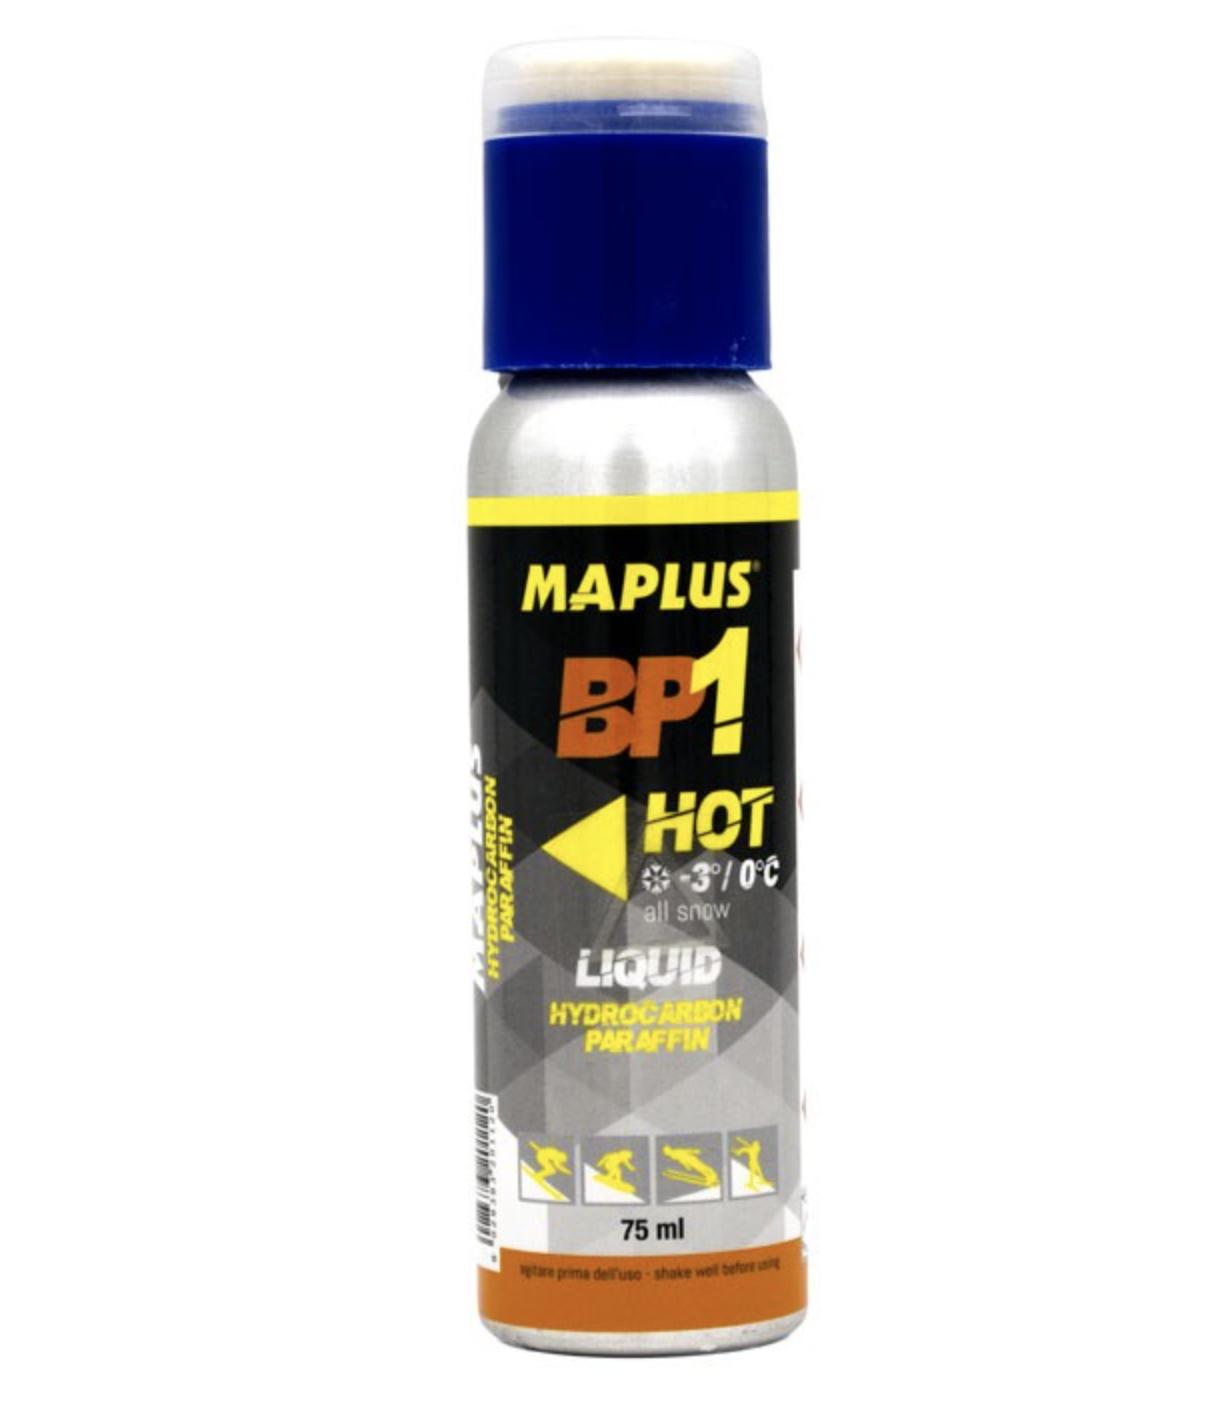 Bilde av Maplus BP1 HOT liquid All Snow 0 / -3